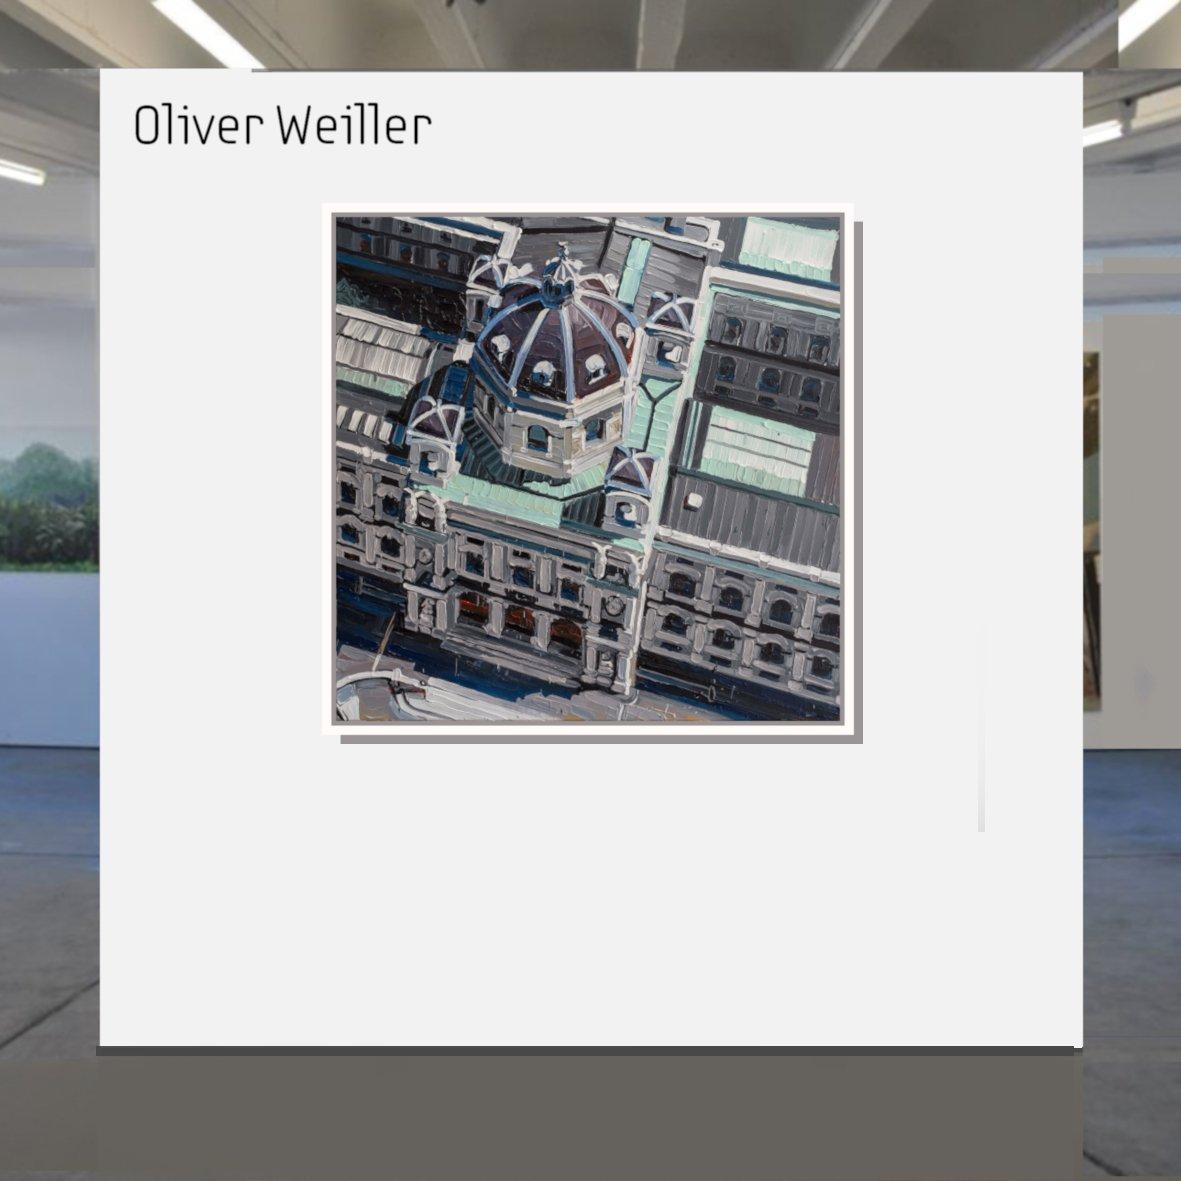 Maske_Weiller_Oliver_Wien-02-Kunsthistorisches-Museum-Wien_90x90_mit_Rahmen